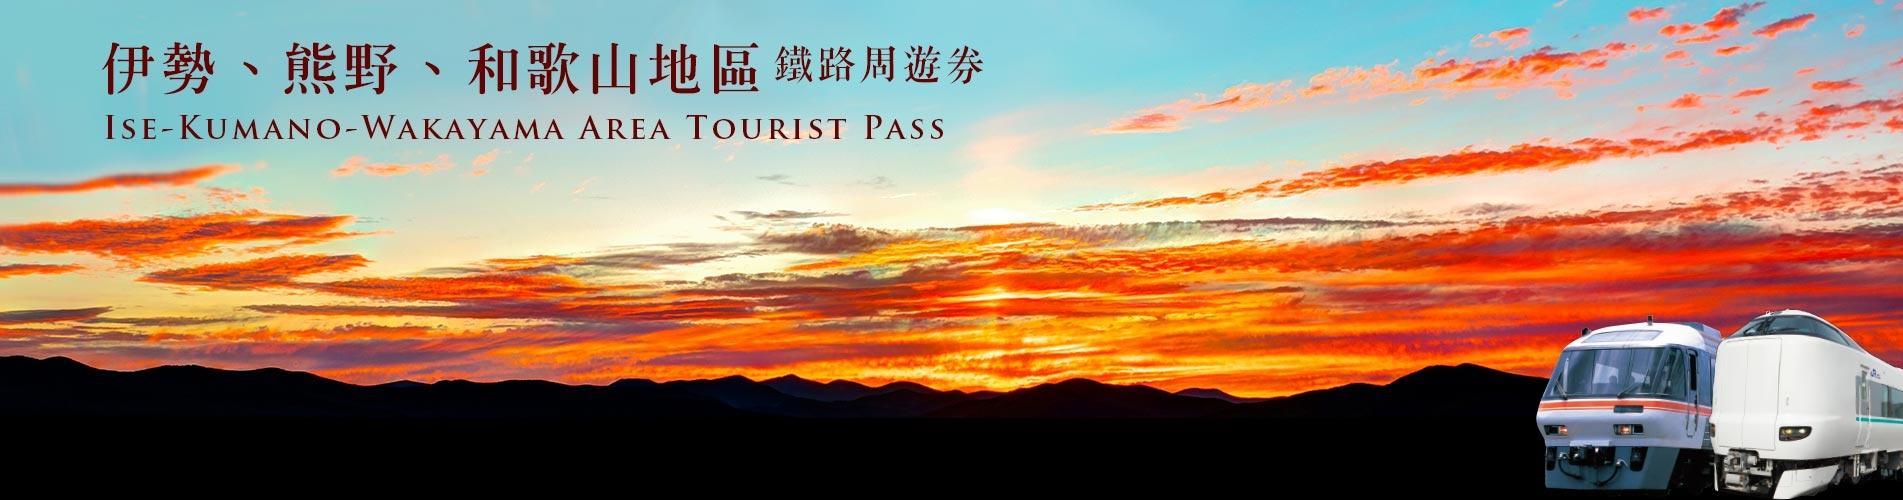 伊勢、熊野、和歌山地區鐵路周遊券